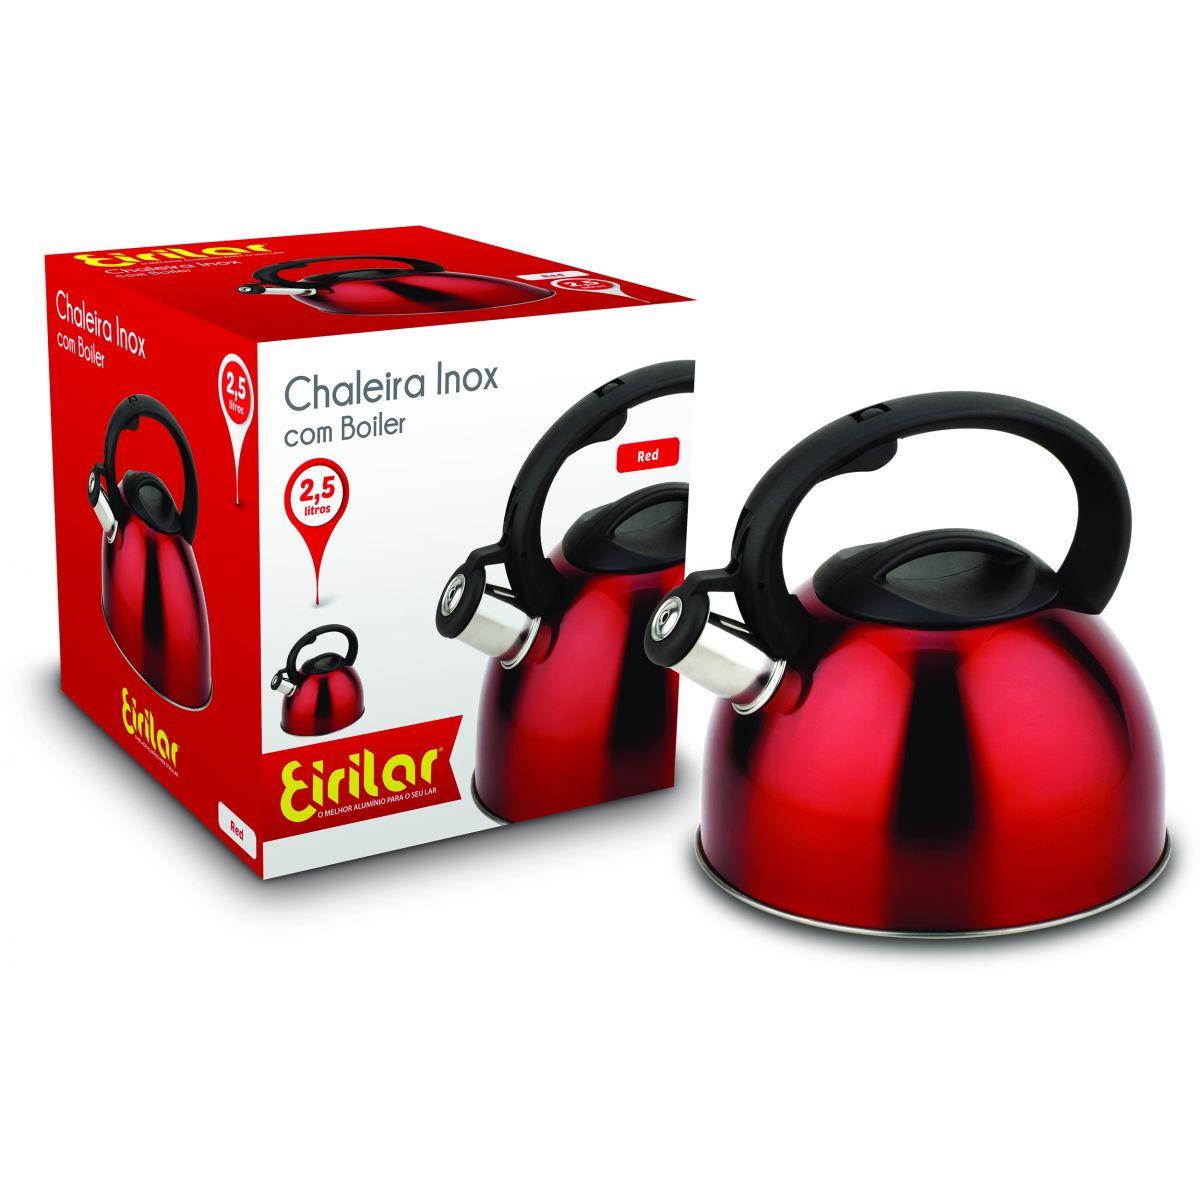 Chaleira Inox com Apito Eirilar 2,5 litros Vermelha  - ShopNoroeste.com.br